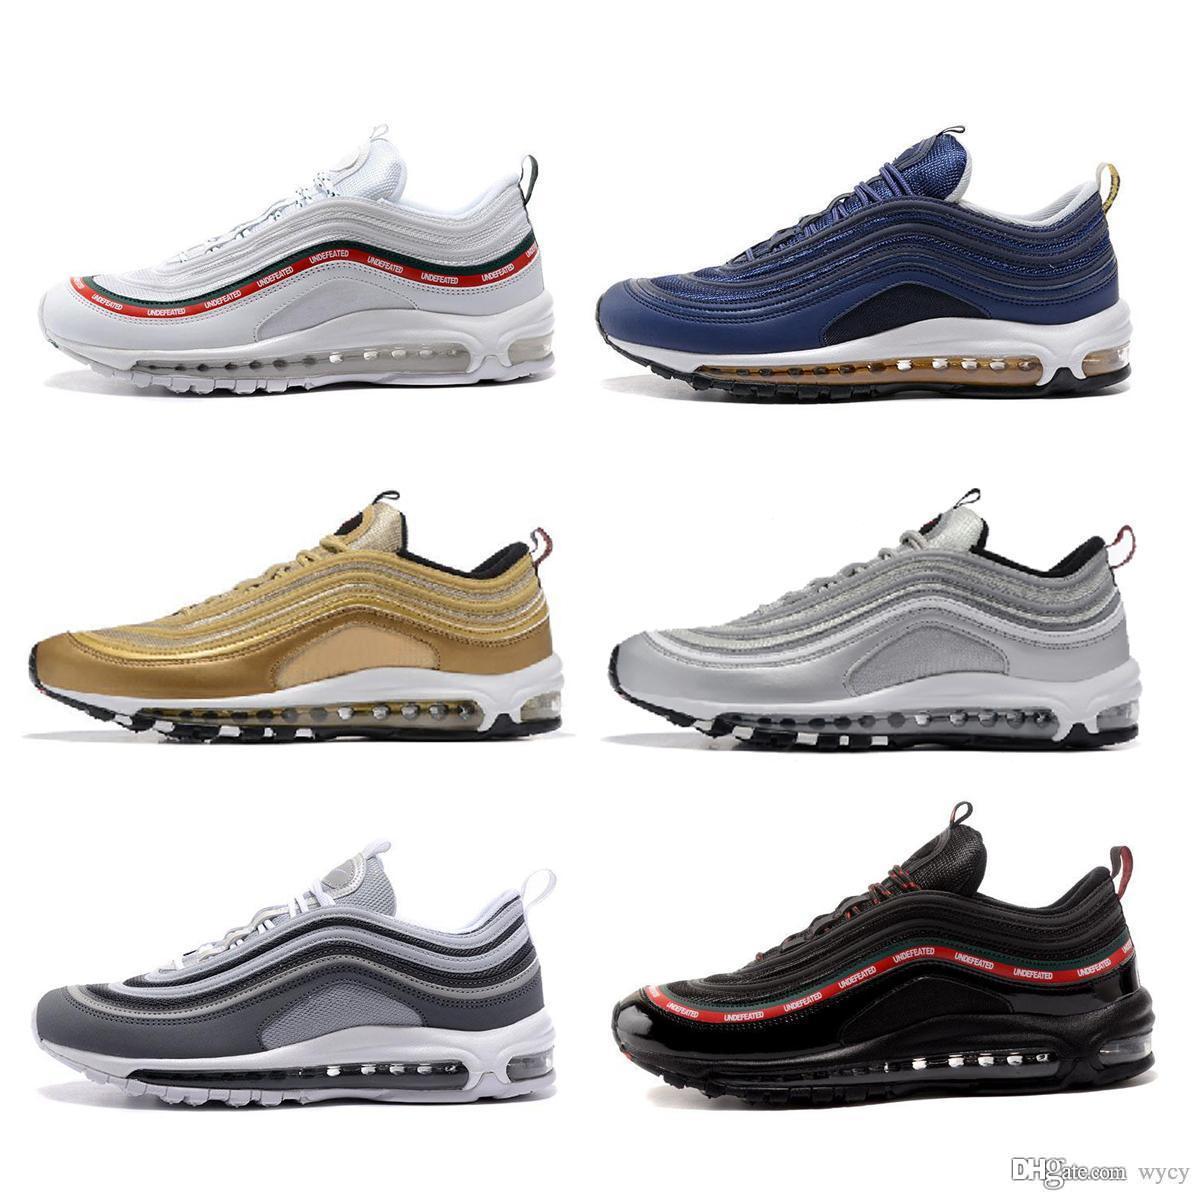 Uomini Airmax Scarpe Air All'ingrosso Scarpe 97 97 Di Plastica Max Mercato Moda Vendita Da Da A Nike Kpu Acquista Cuscino Buon Calda Nuovi Scarpe Ginnastica w4gqIxzRn5